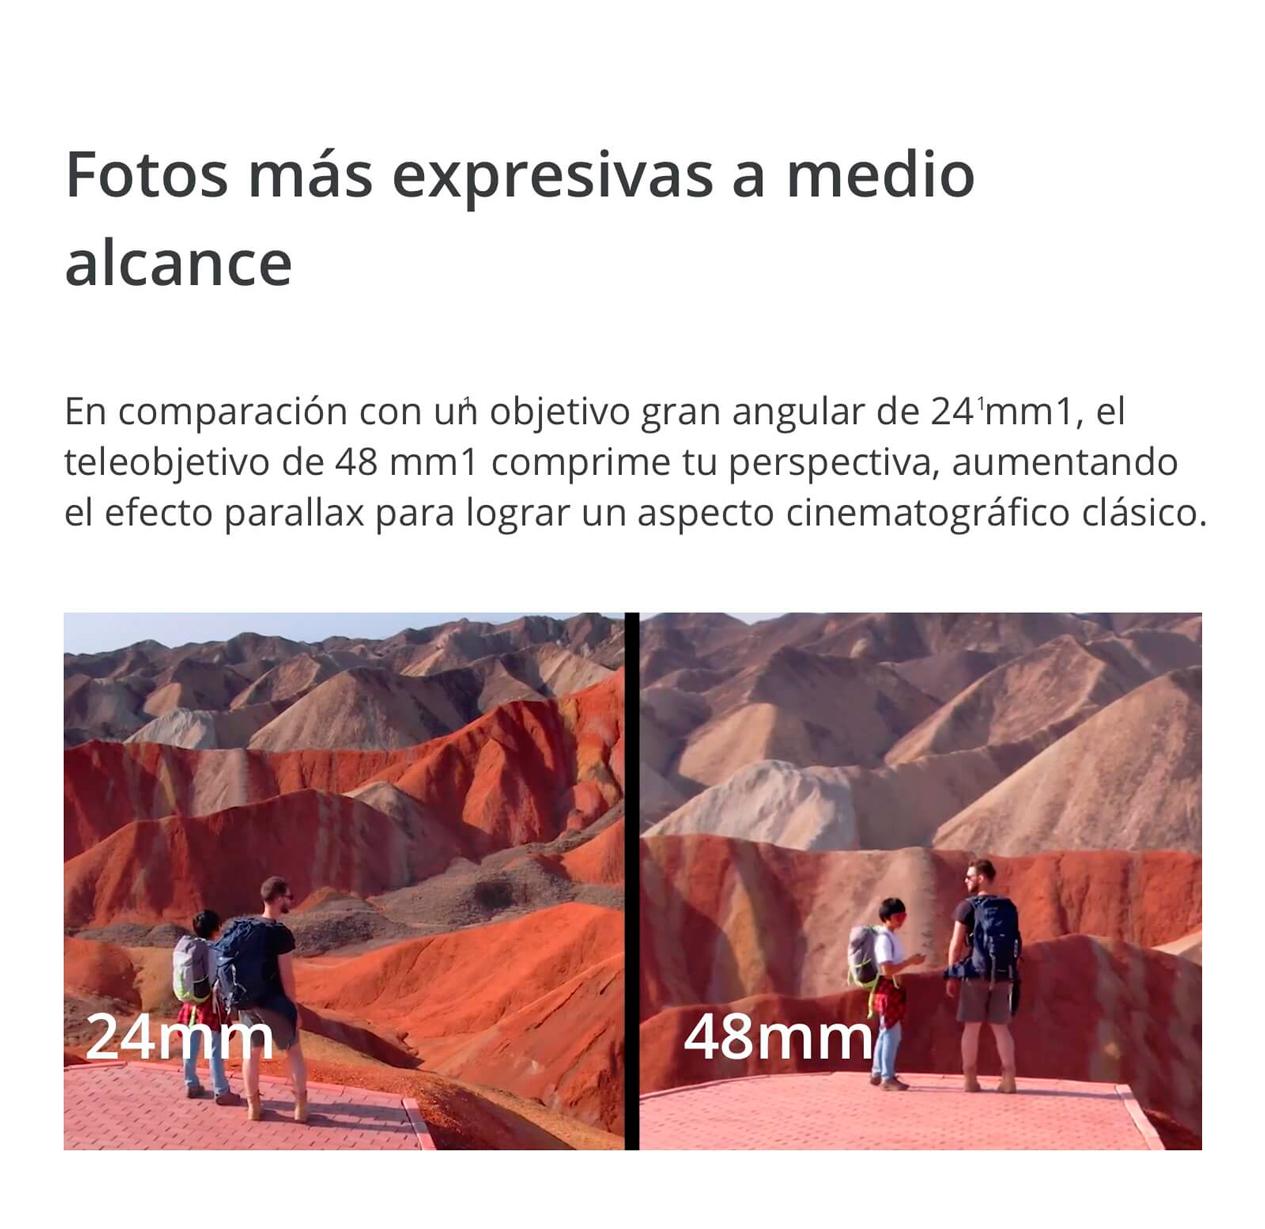 DJI MAVIC 2 PRO - Fotos más expresivas a medio alcance